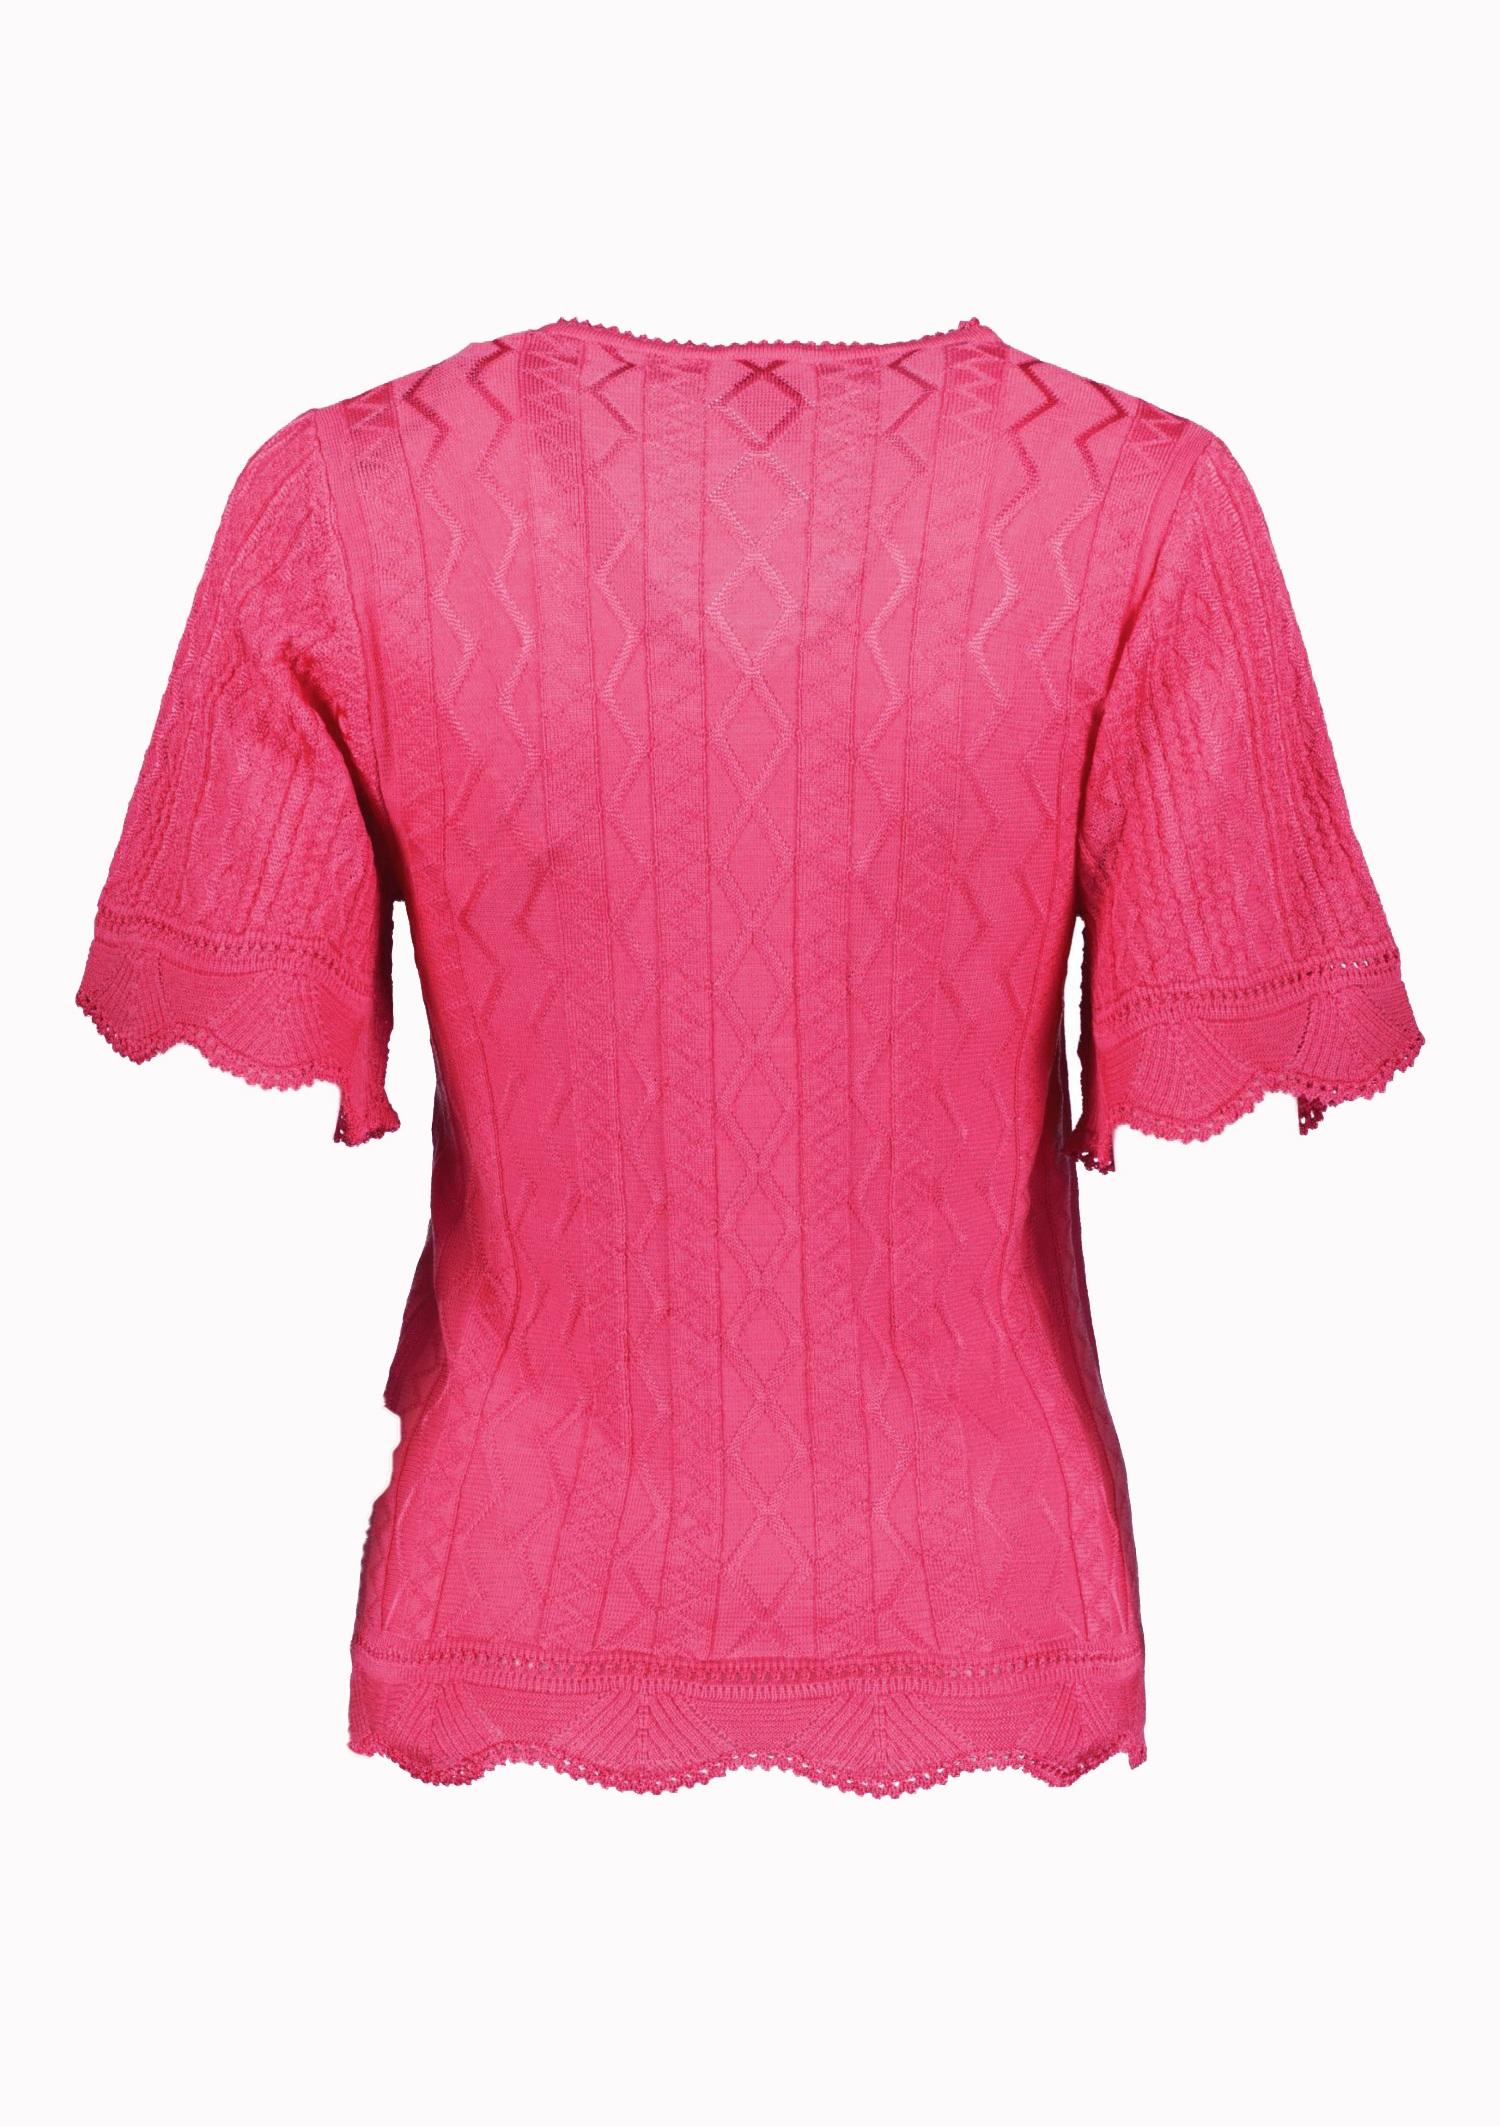 top pink _Front+1_JPG